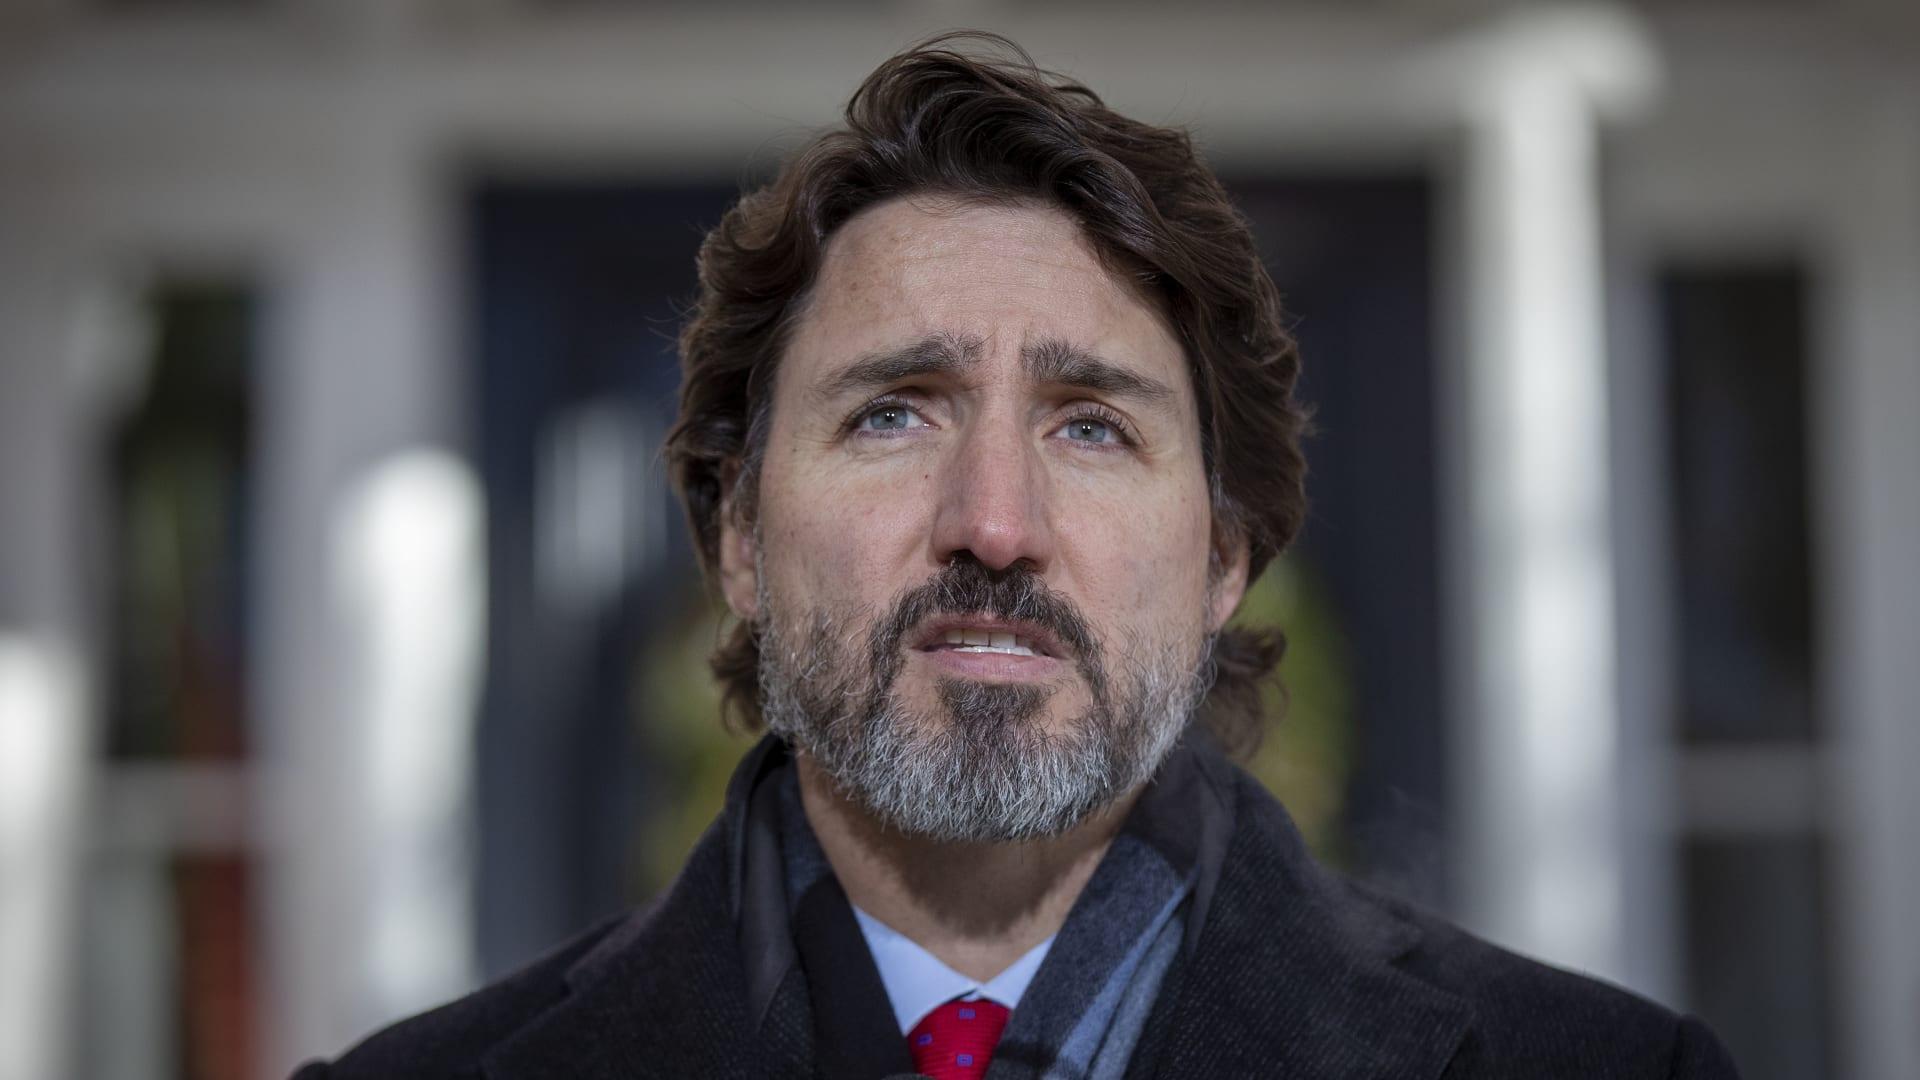 رئيس الوزراء الكندي يشعر بخيبة أمل من أمر تنفيذي لبايدن بشأن خط أنابيب نفط